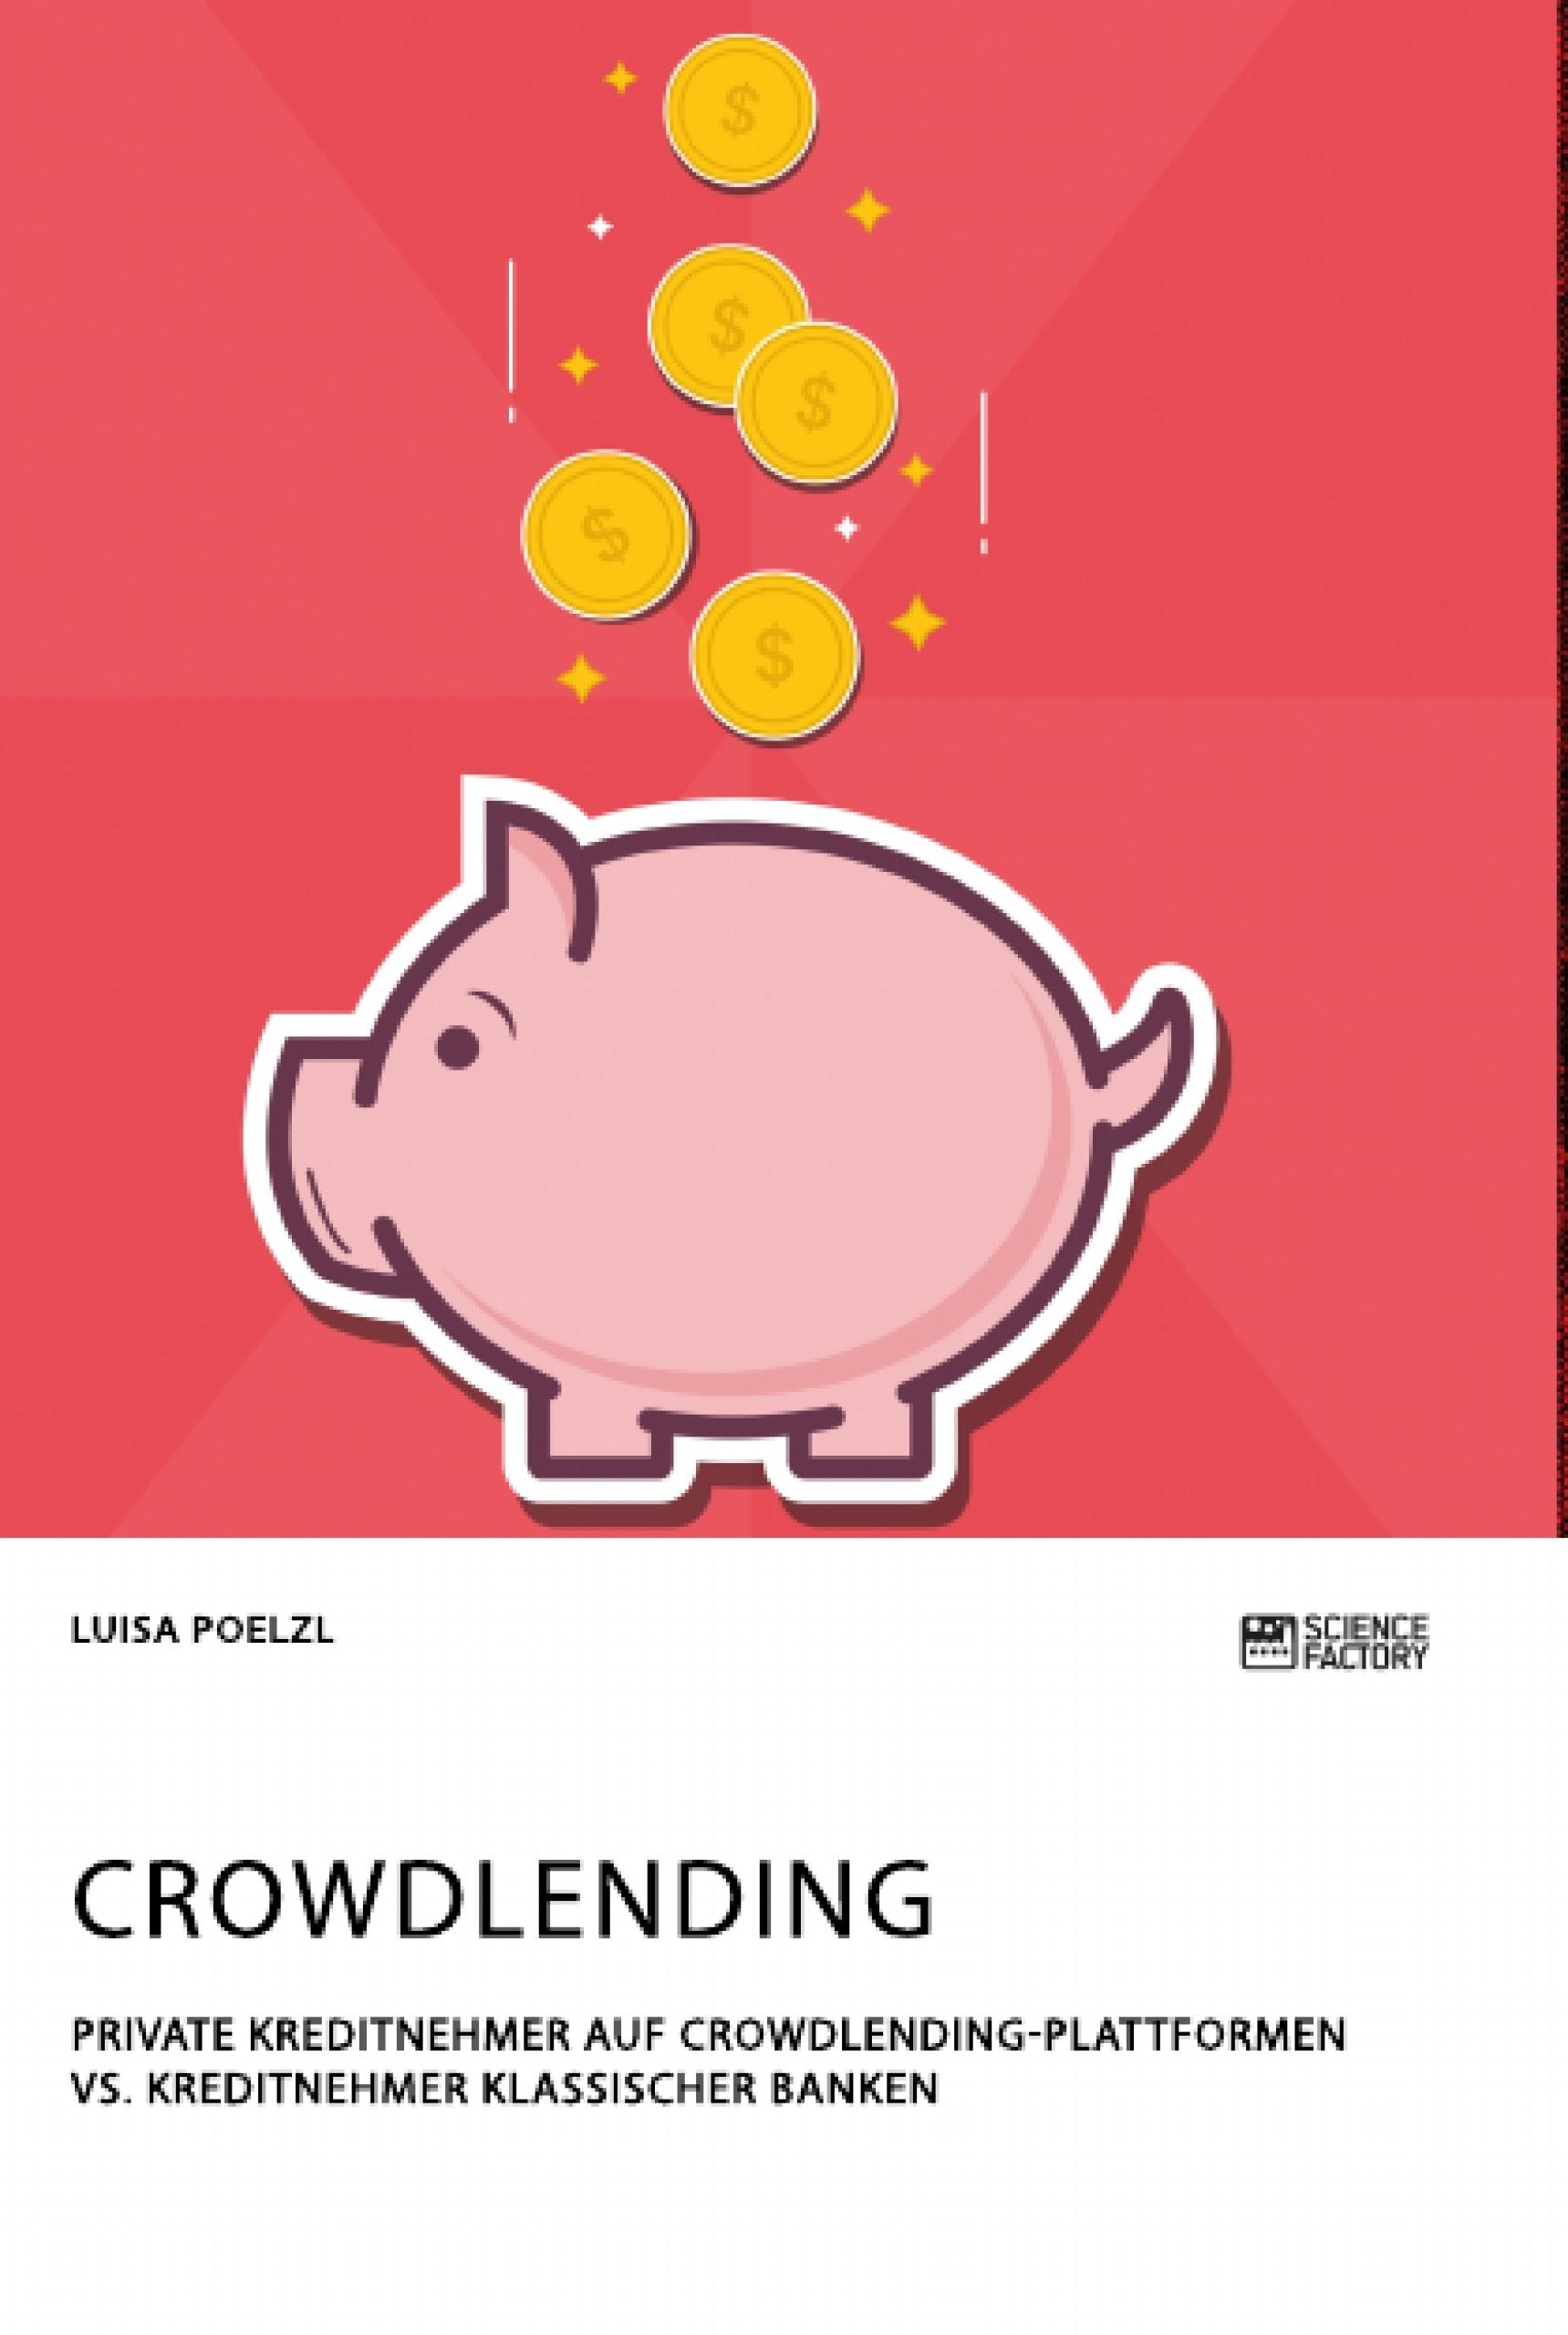 Titel: Crowdlending. Private Kreditnehmer auf Crowdlending-Plattformen vs. Kreditnehmer klassischer Banken